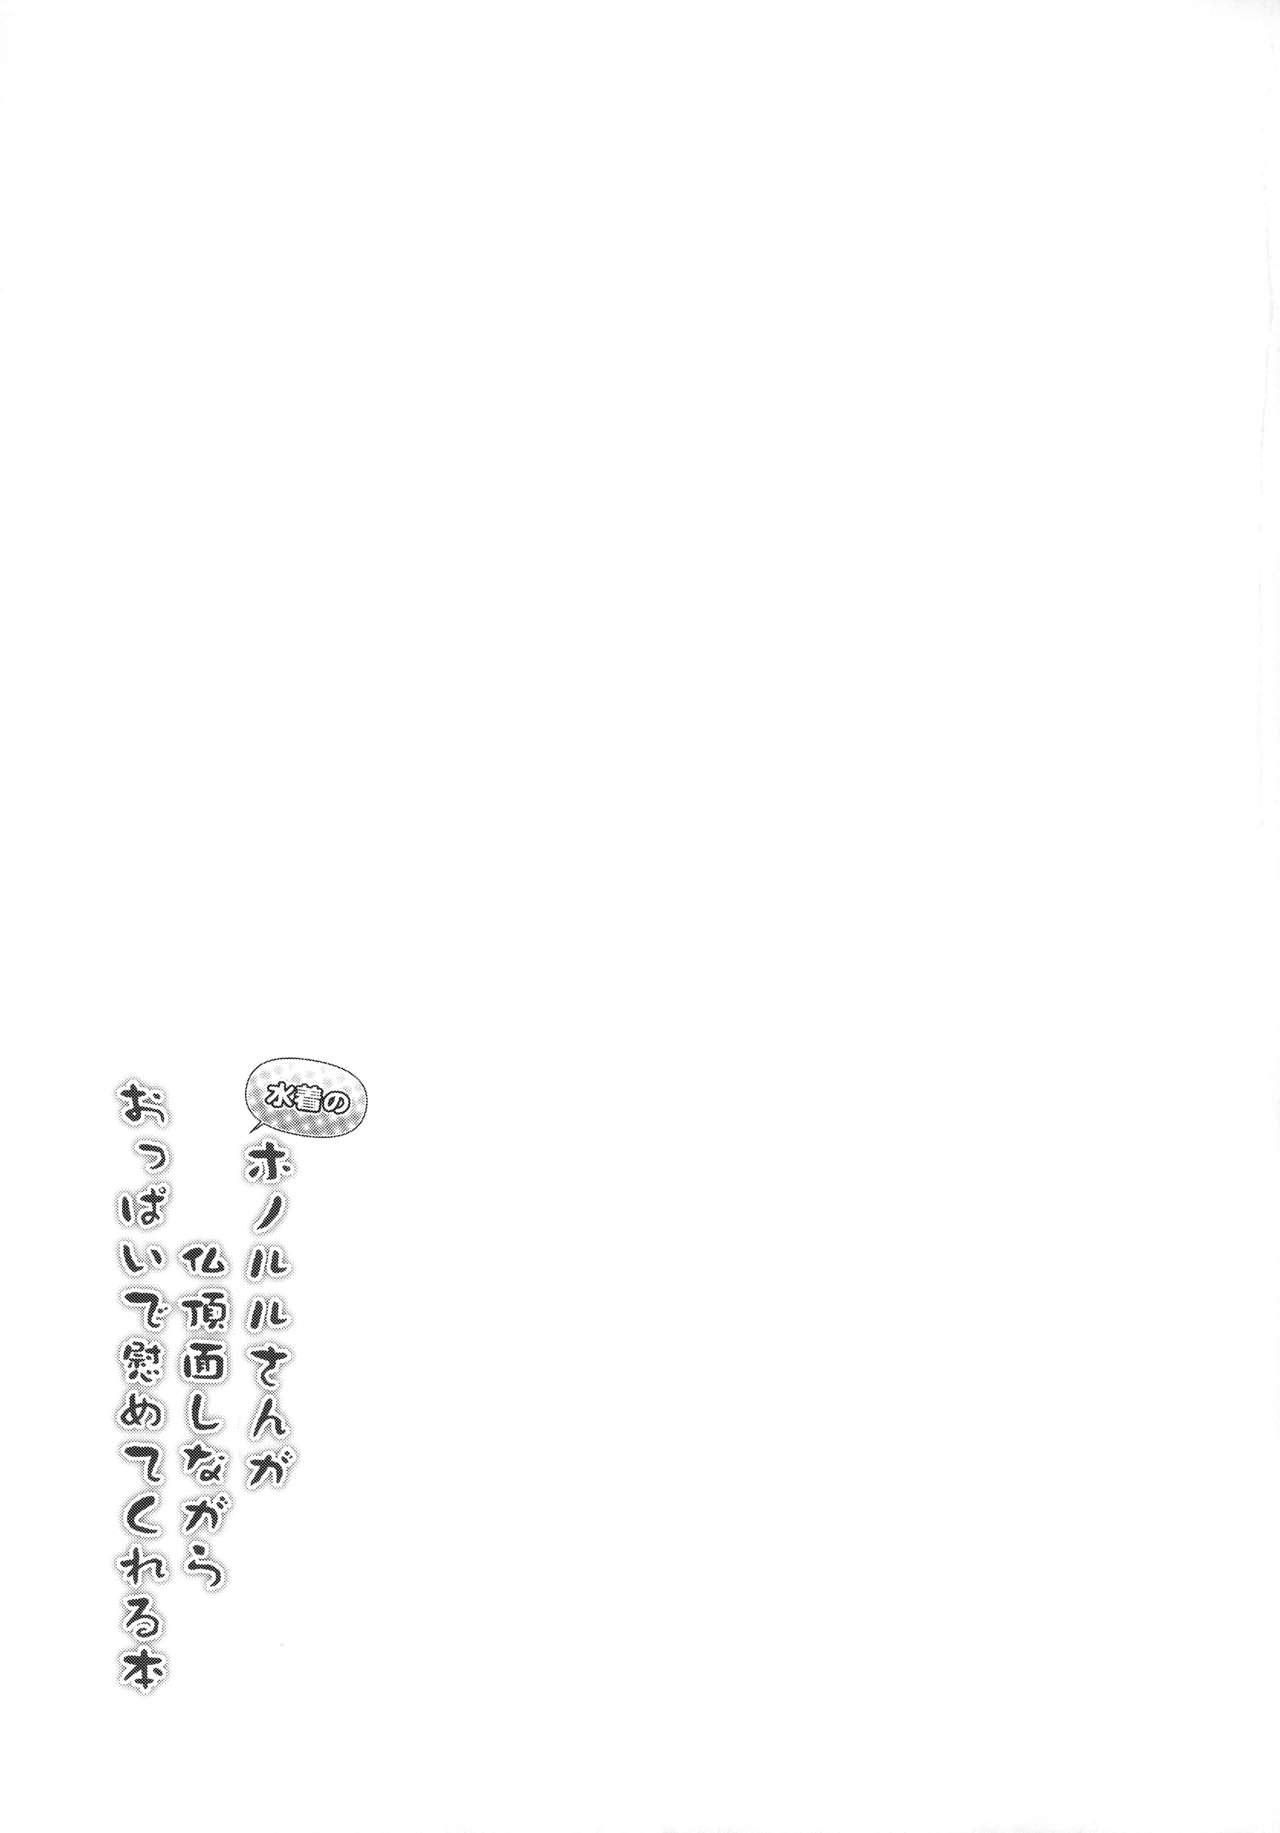 Mizugi no Honolulu-san ga Bucchouzura Shinagara Oppai de Nagusamete Kureru Hon 17